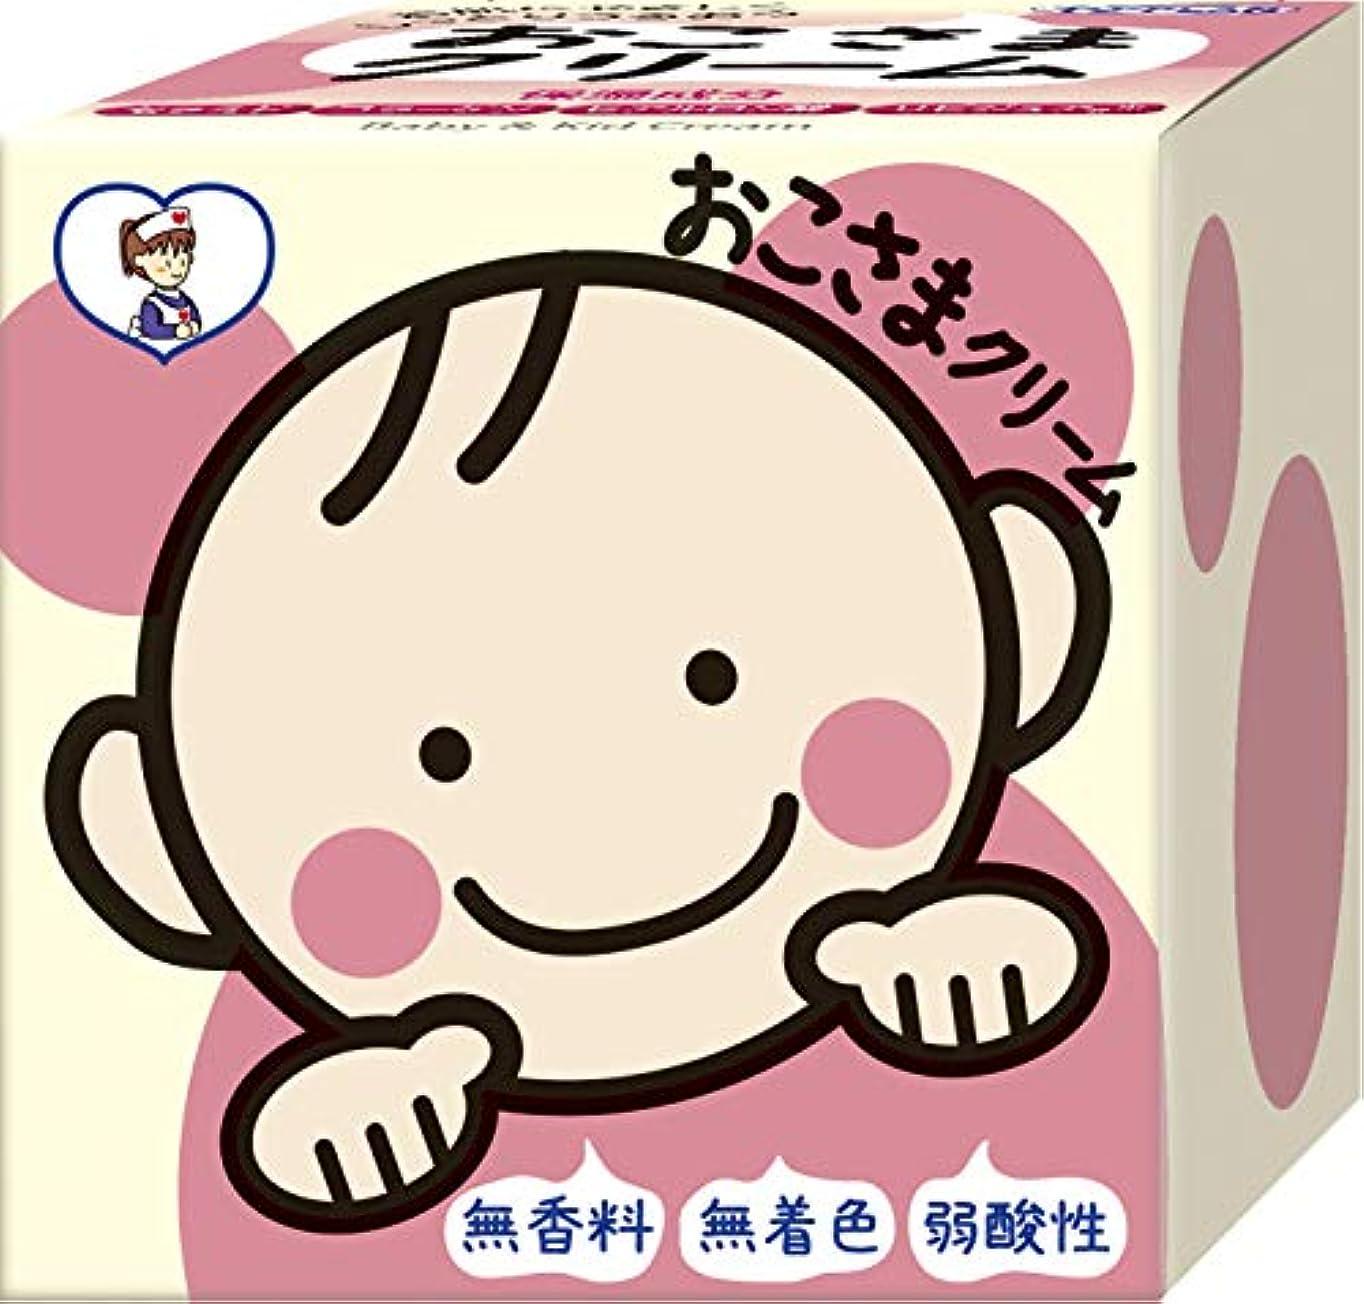 スツール機械的に袋TO-PLAN(トプラン) おこさまクリーム110g 無着色 無香料 低刺激クリーム